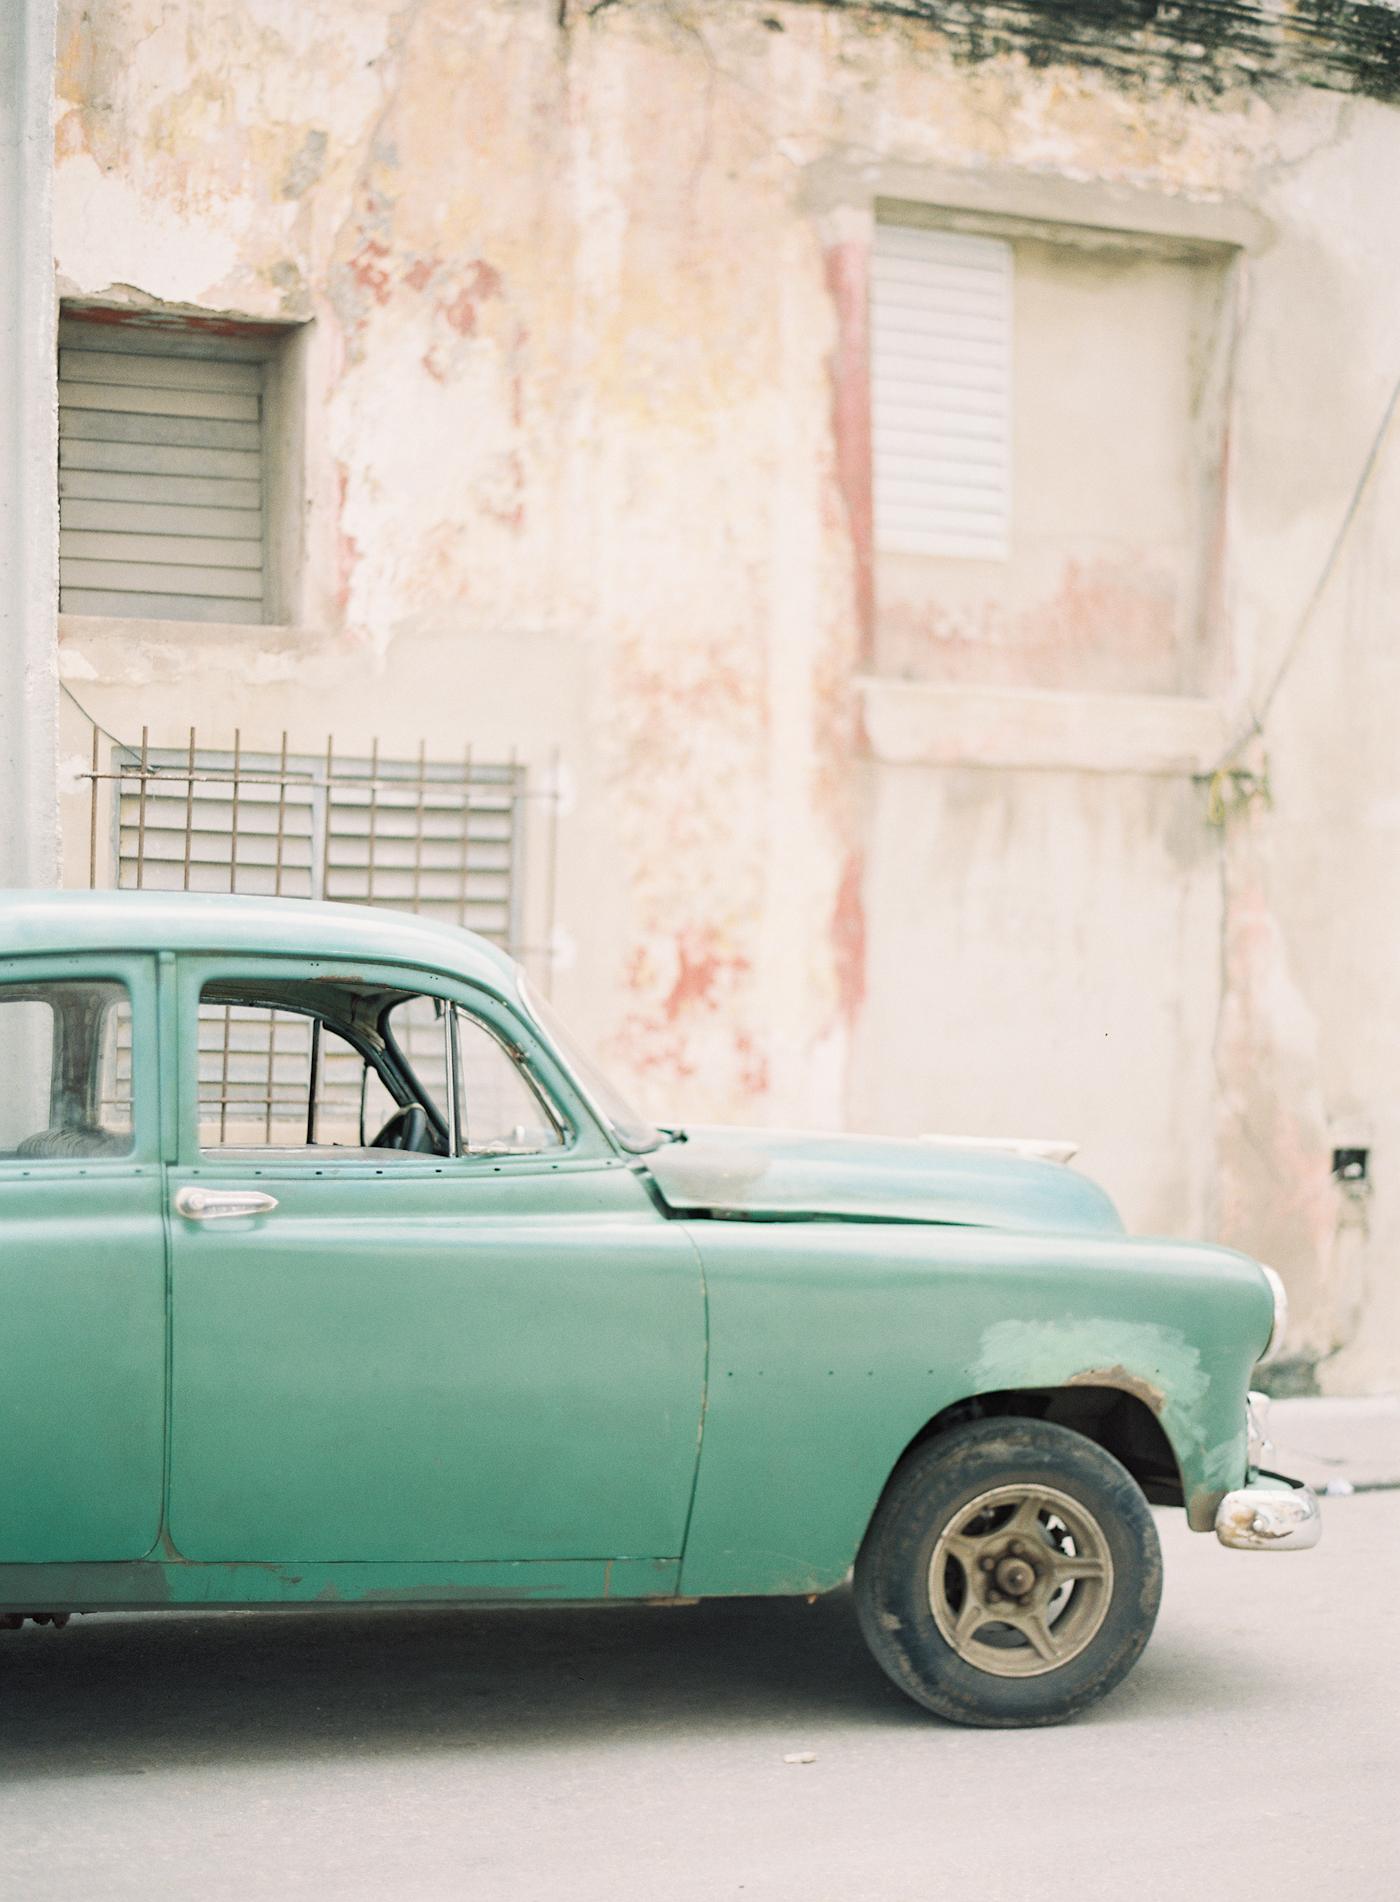 JenHuang-Cuba2016-16-009434-R1-015.jpg